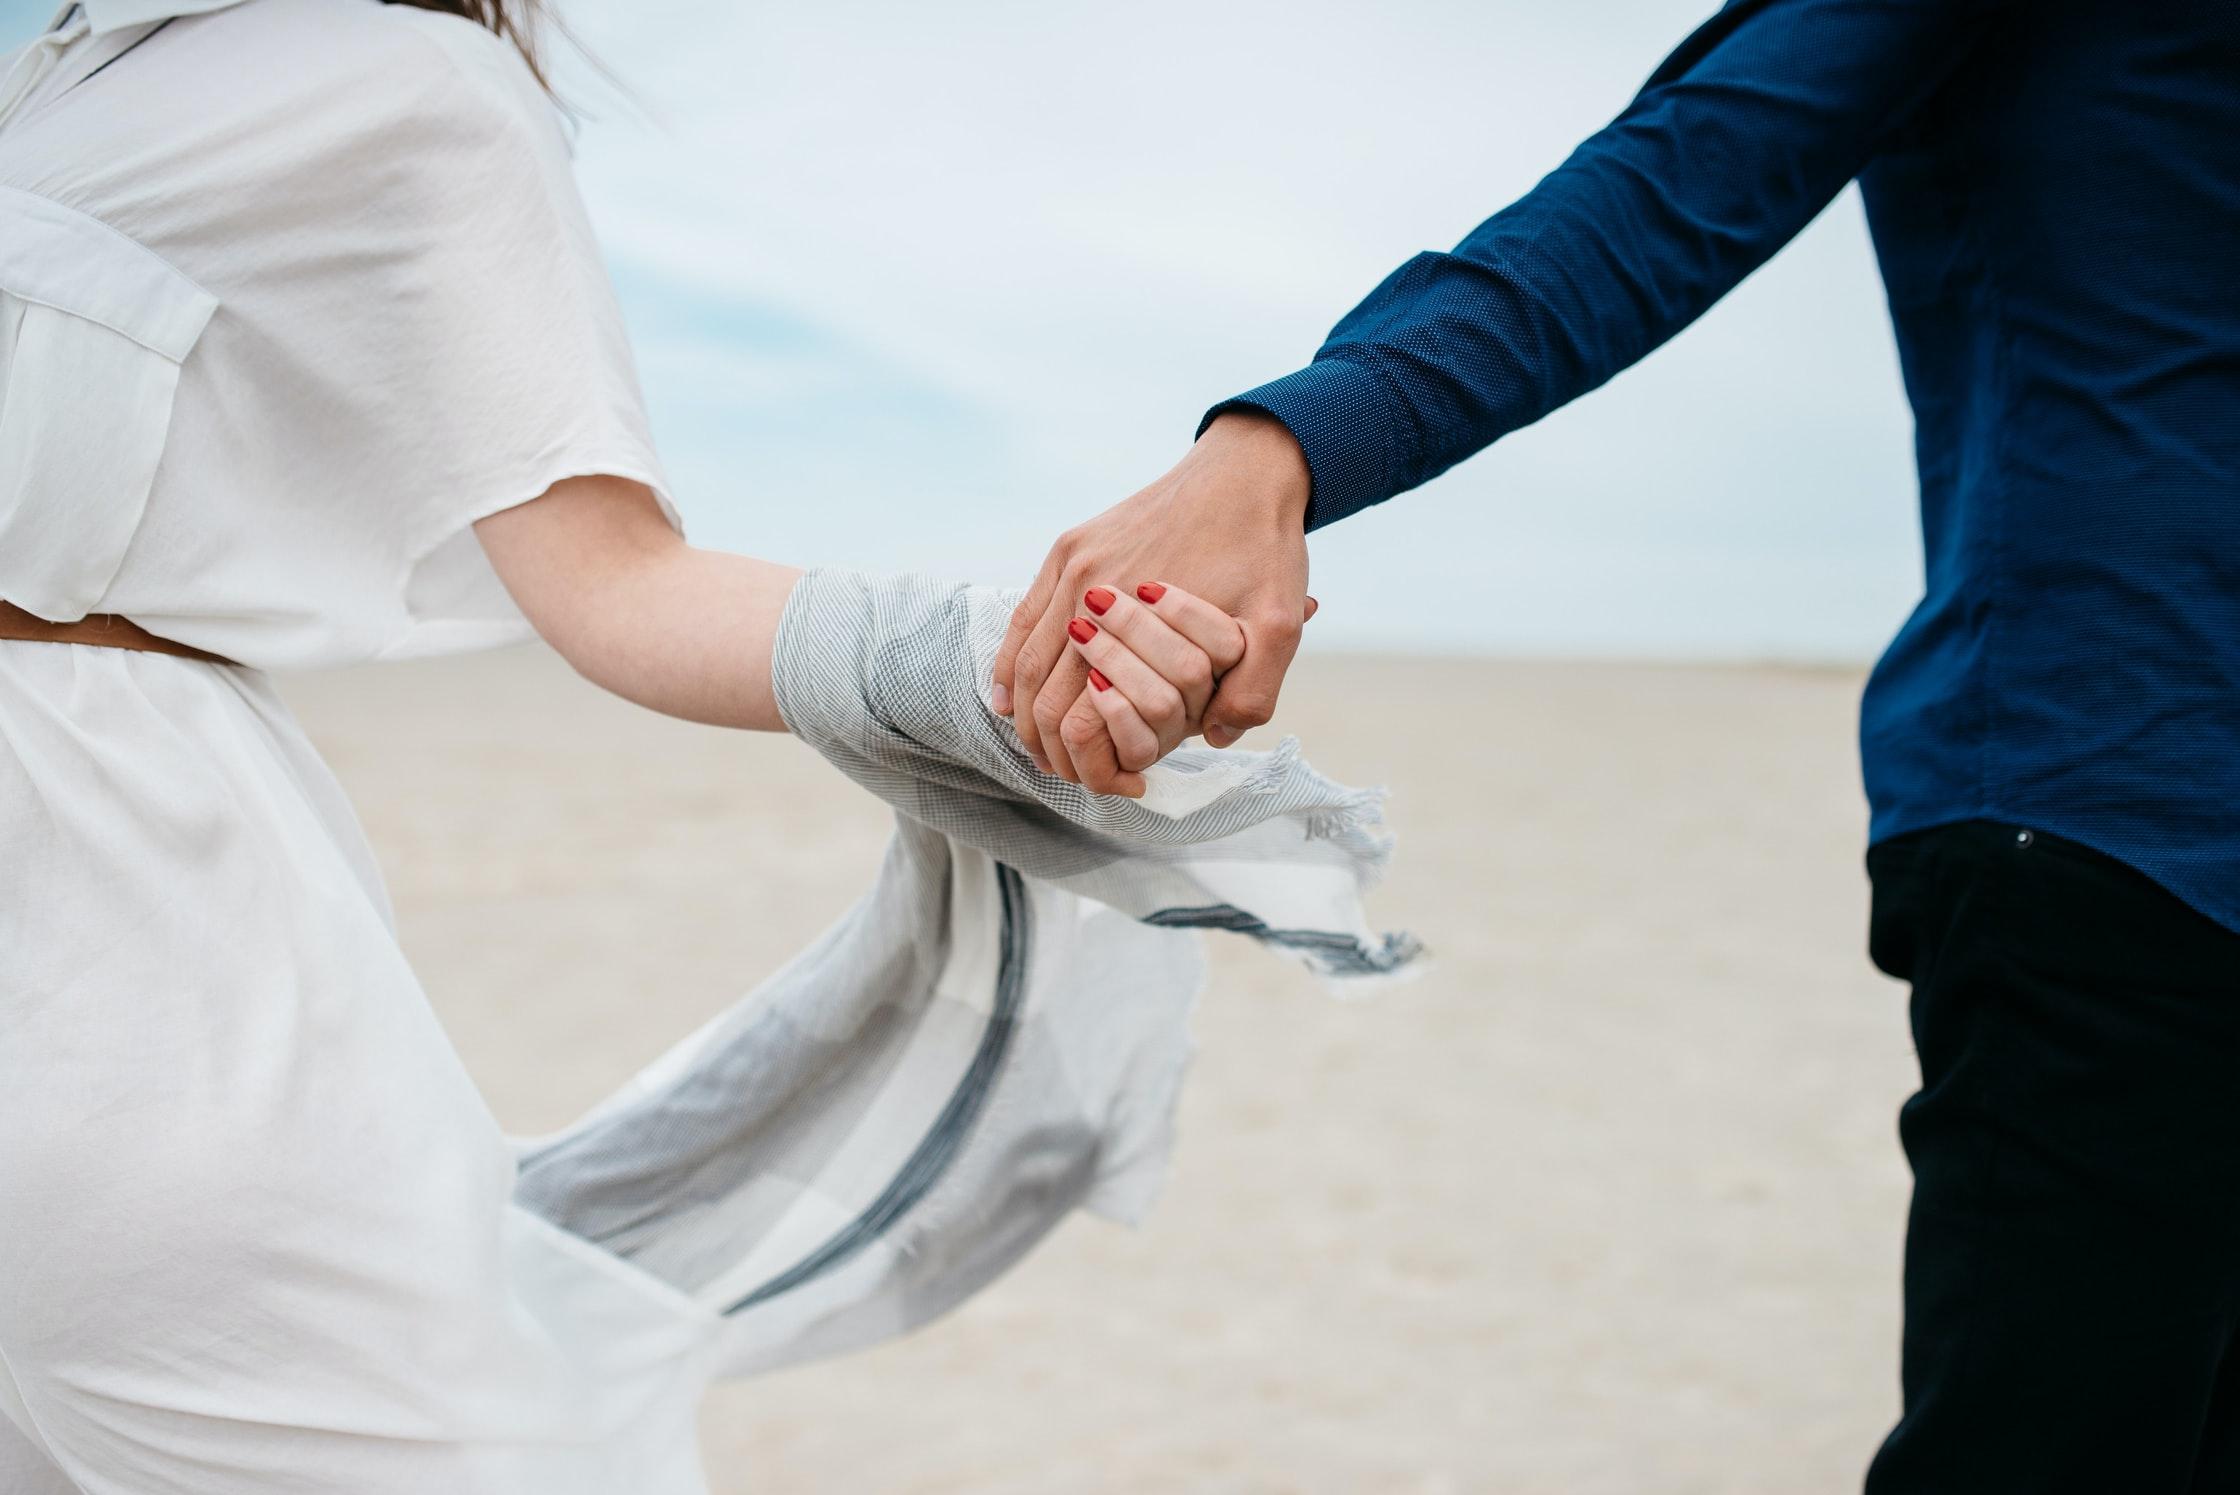 石原さとみの結婚相手は学会員?出会いのきっかけと馴れ初めも!